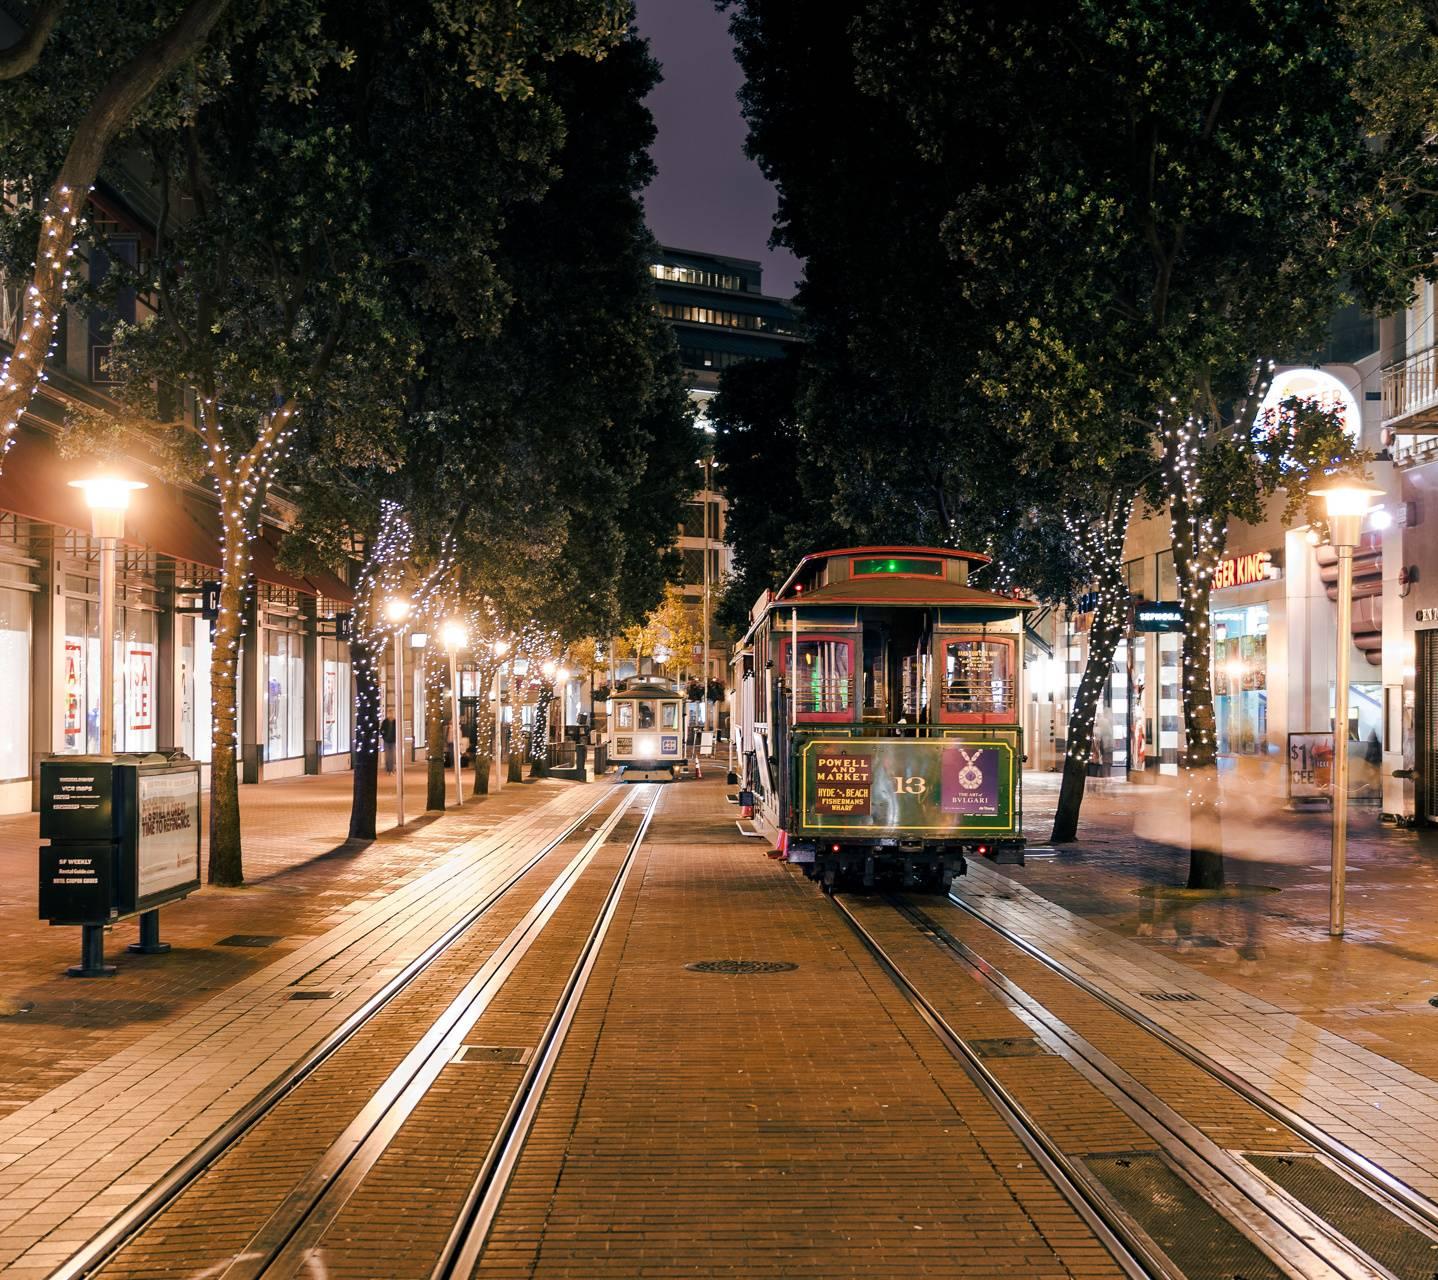 Powel street Trolley